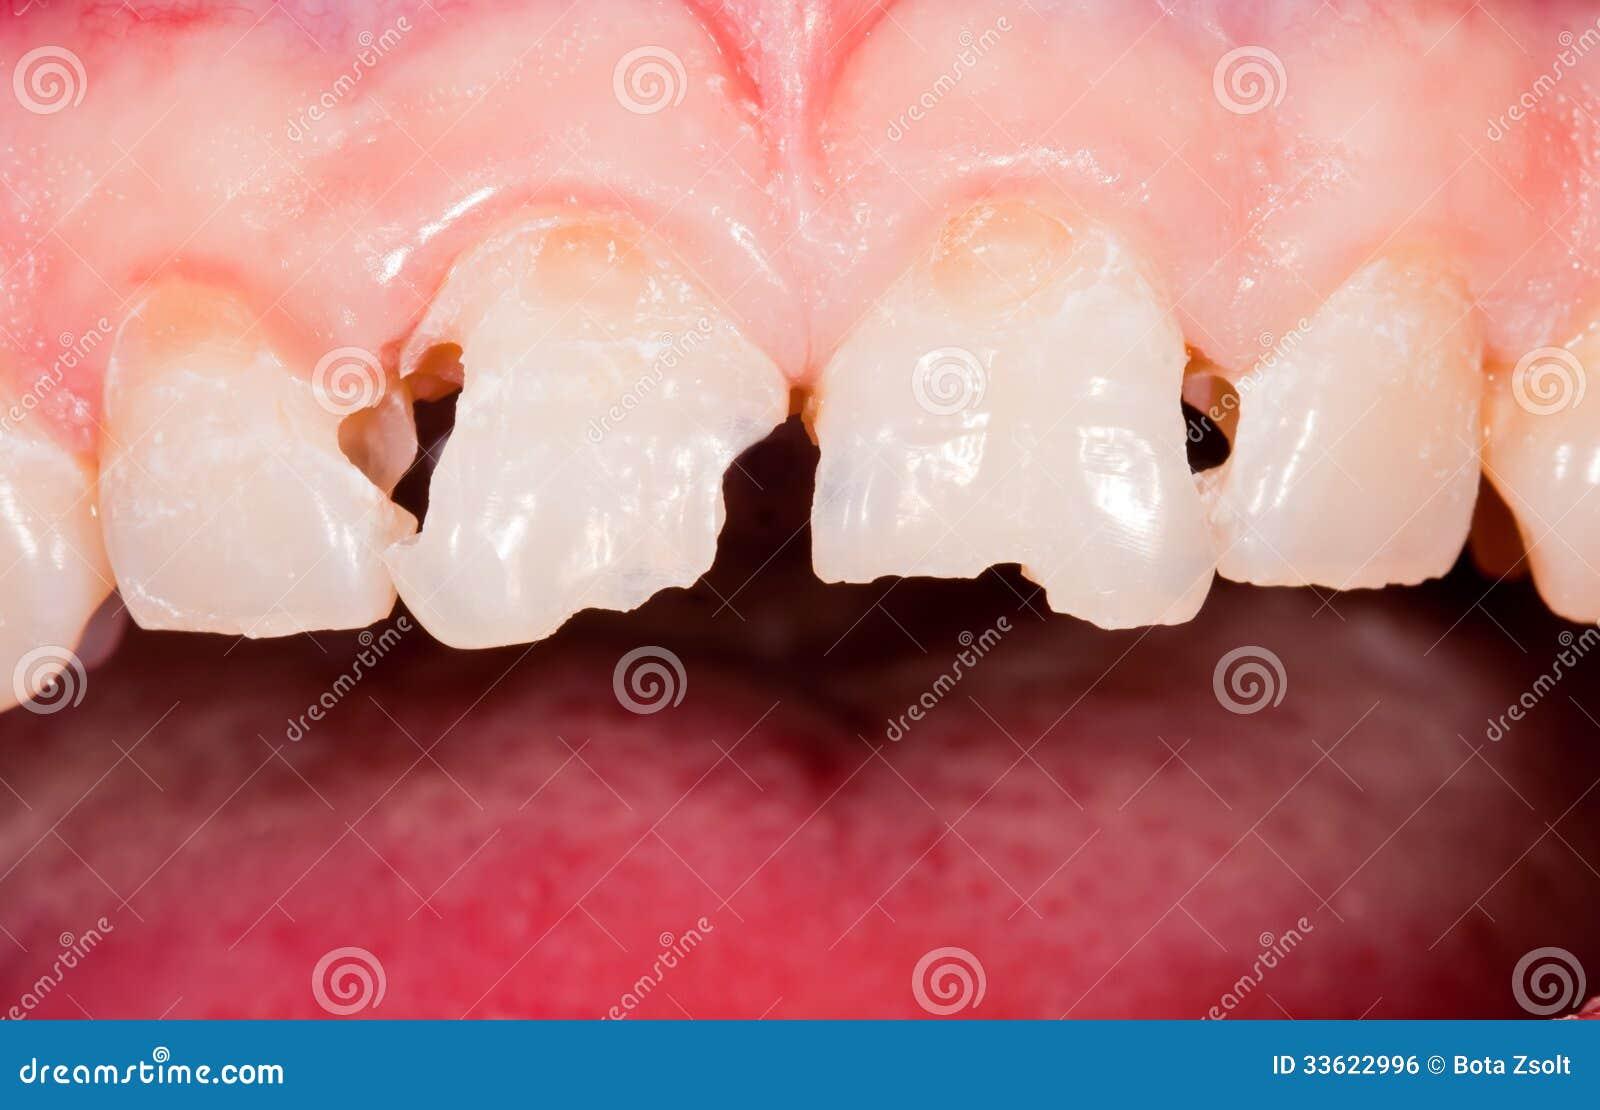 Σπάσιμο δοντιών